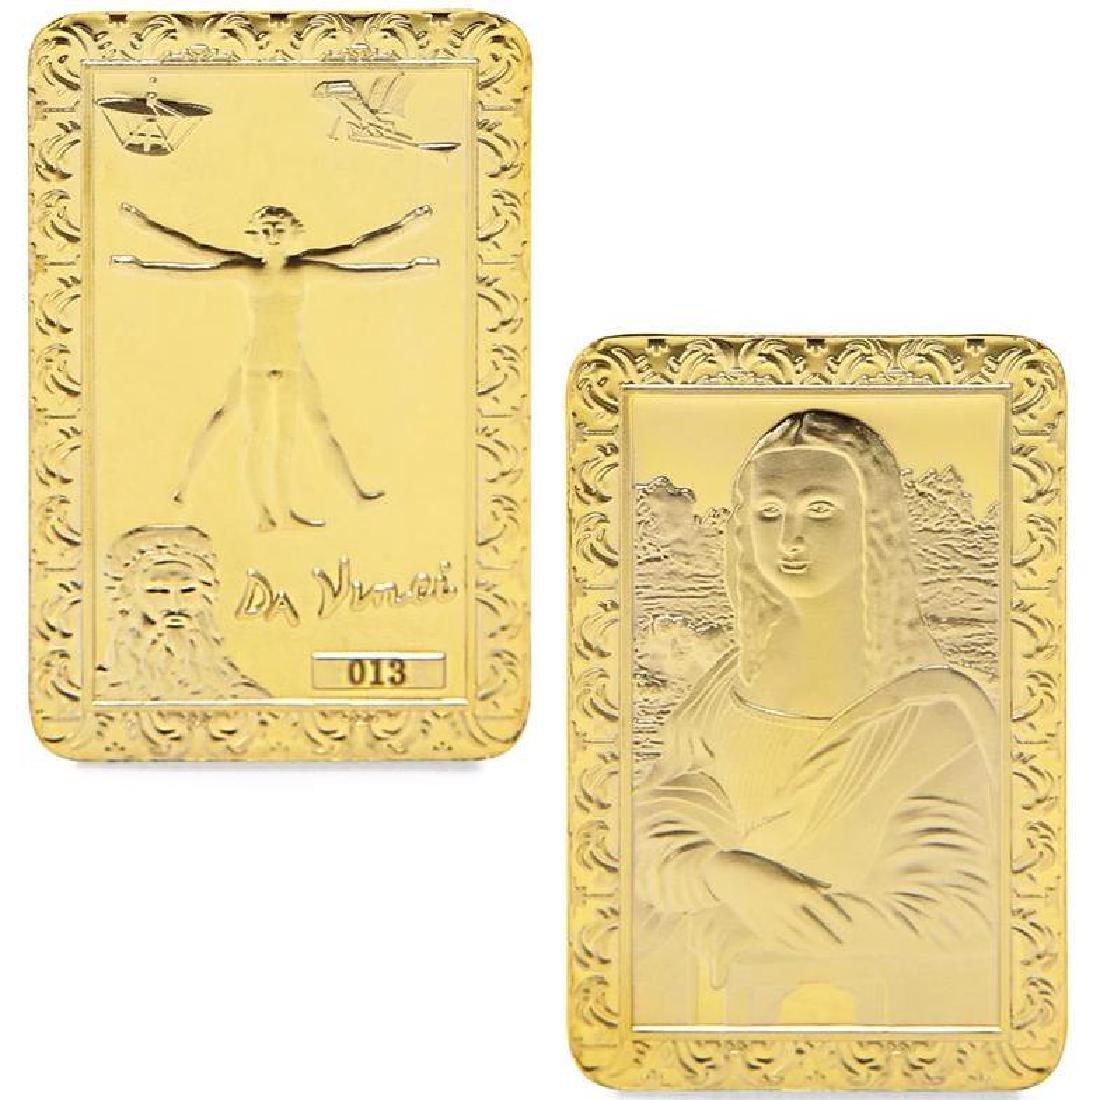 Leonardo Da Vinci Art Gold Clad Bullion Bar